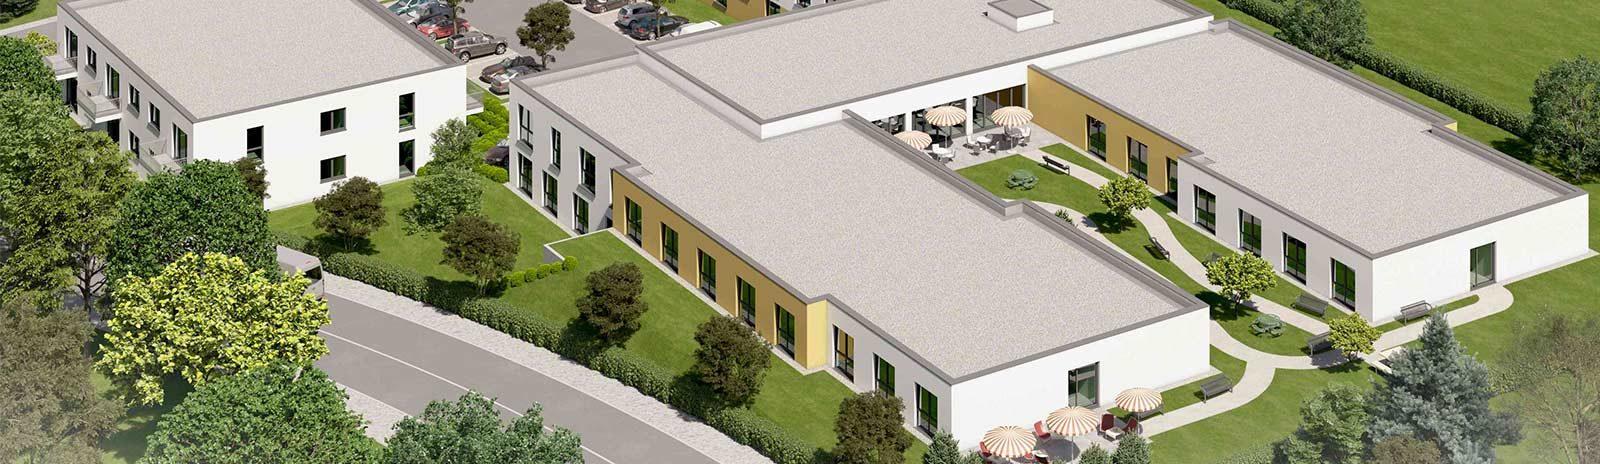 Haus-Neumünster_Visualisierung_web.jpg_1